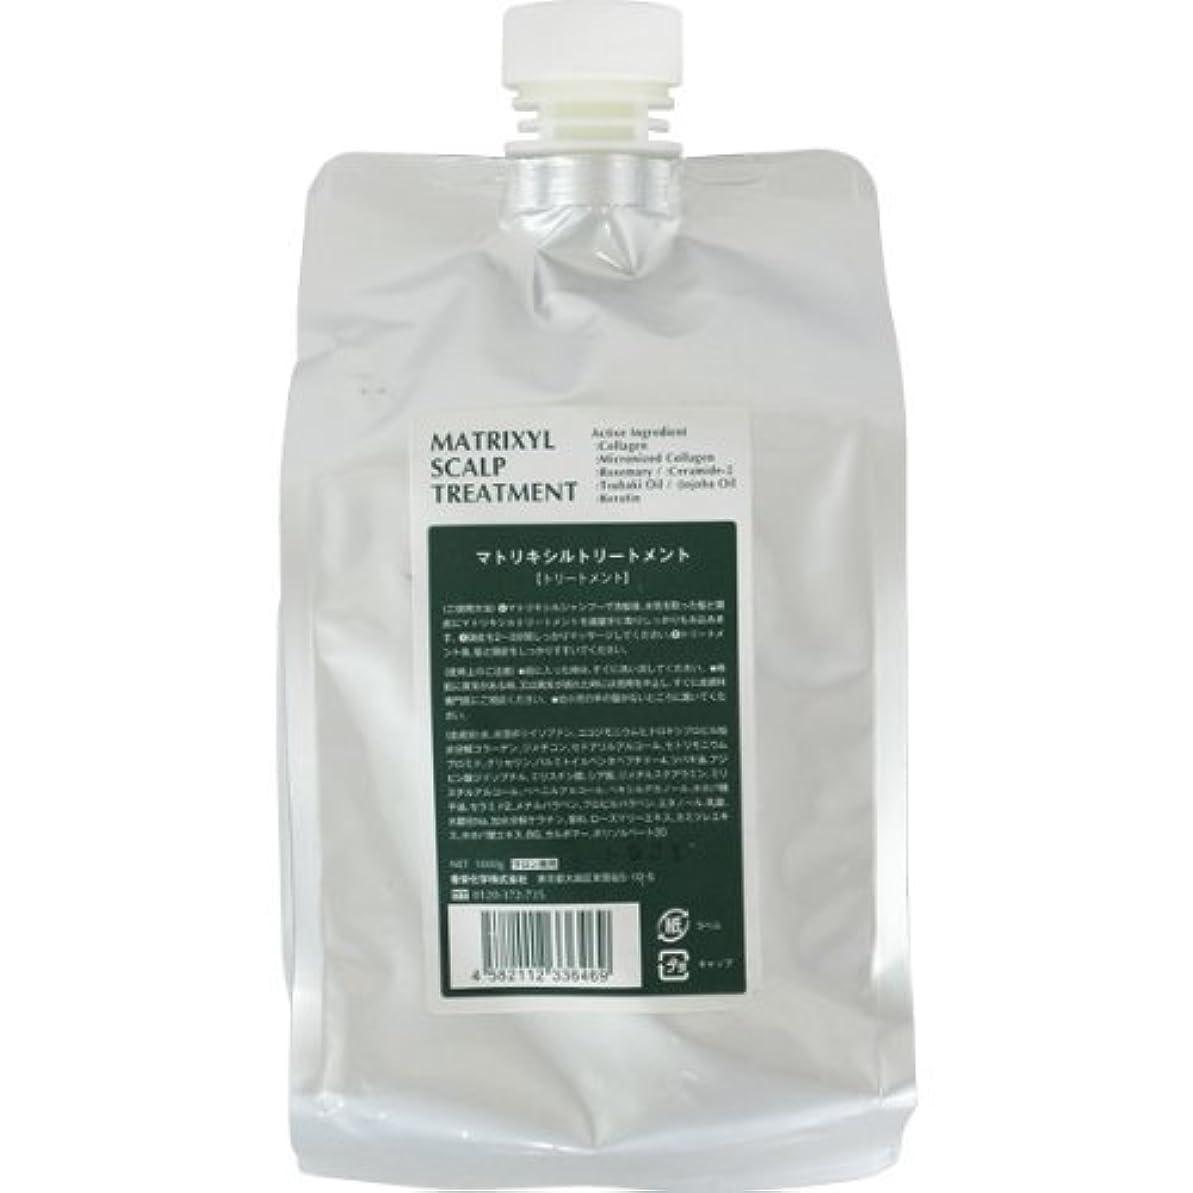 実行可能価値のないベース香栄化学 マトリキシル スキャルプトリートメント レフィル 1000g